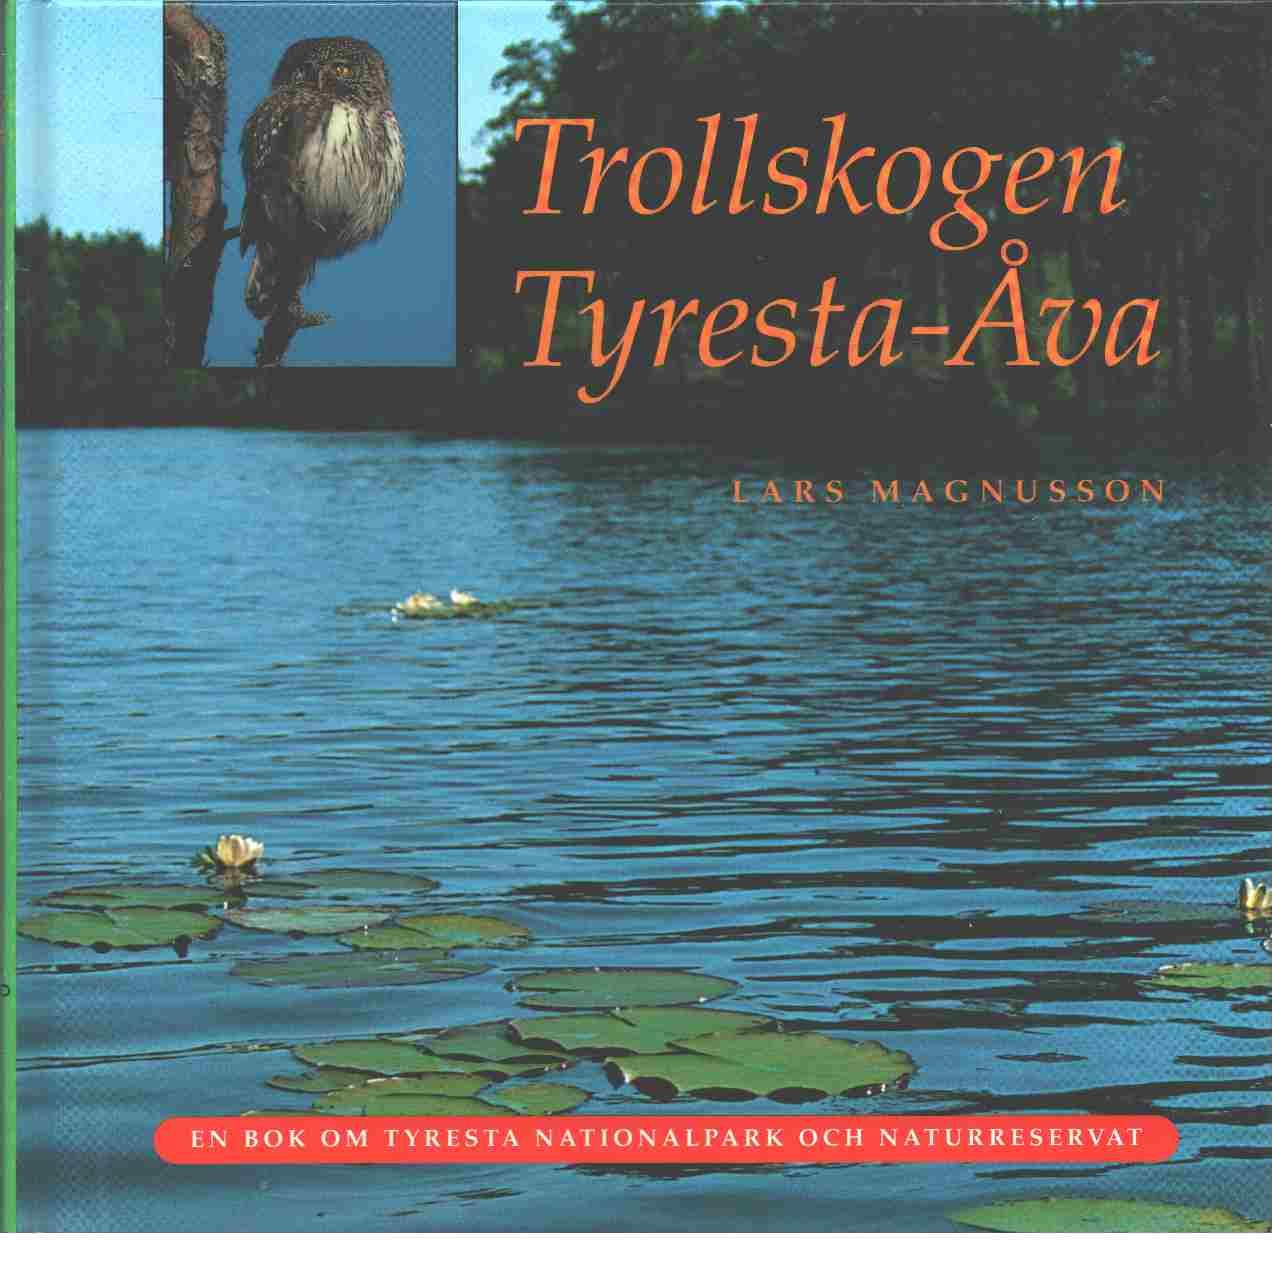 Trollskogen Tyresta-Åva : en bok om Tyresta nationalpark och naturreservat - Magnusson, Lars